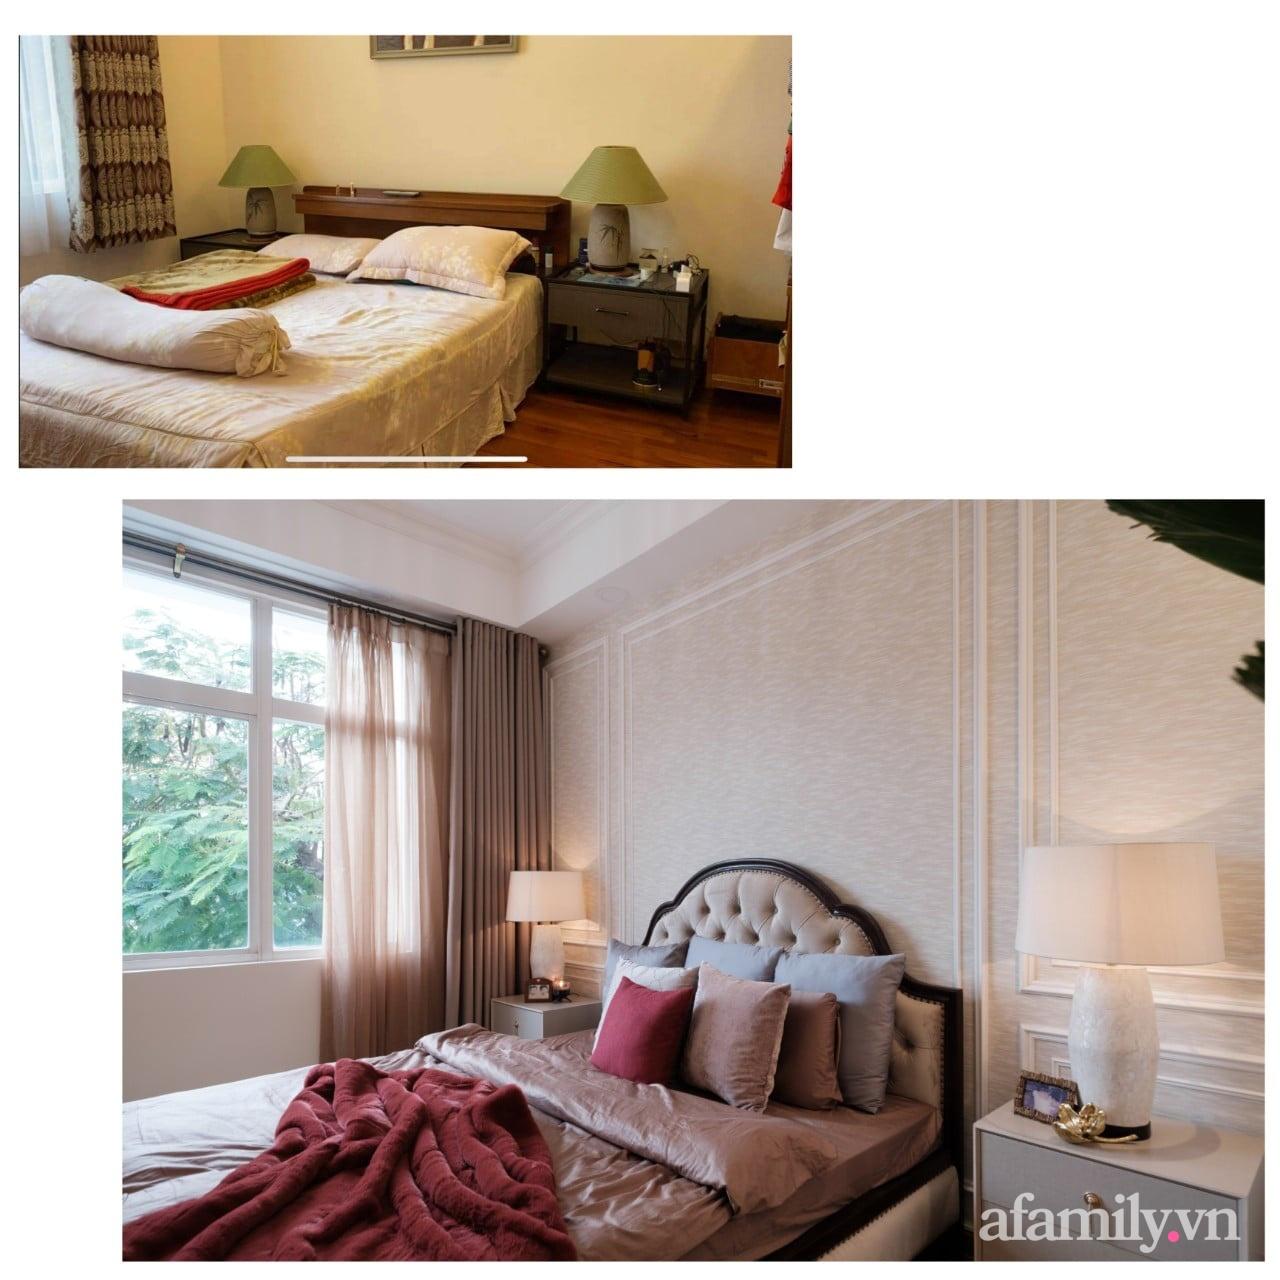 Lột xác phòng ngủ cũ kỹ thành không gian đẳng cấp 5 sao dành cho cặp vợ chồng U70 chỉ trong 2 tuần ở Sài Gòn - Ảnh 2.